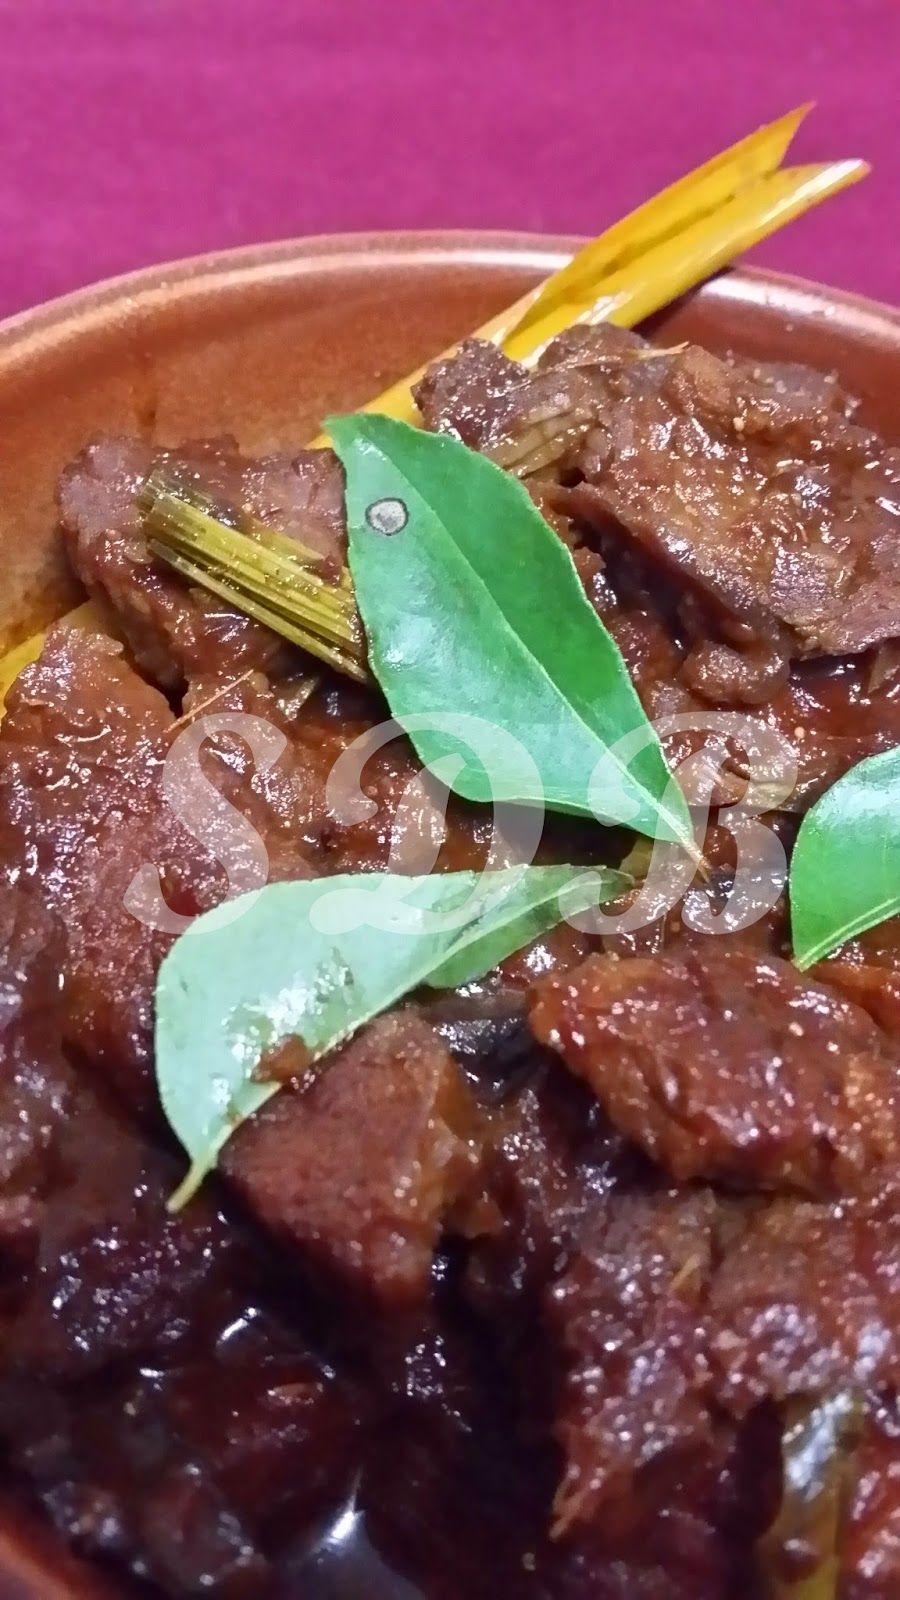 Sajian Dapur Bonda Daging Masak Itam Nasi Kandar Menggunakan Periuk N